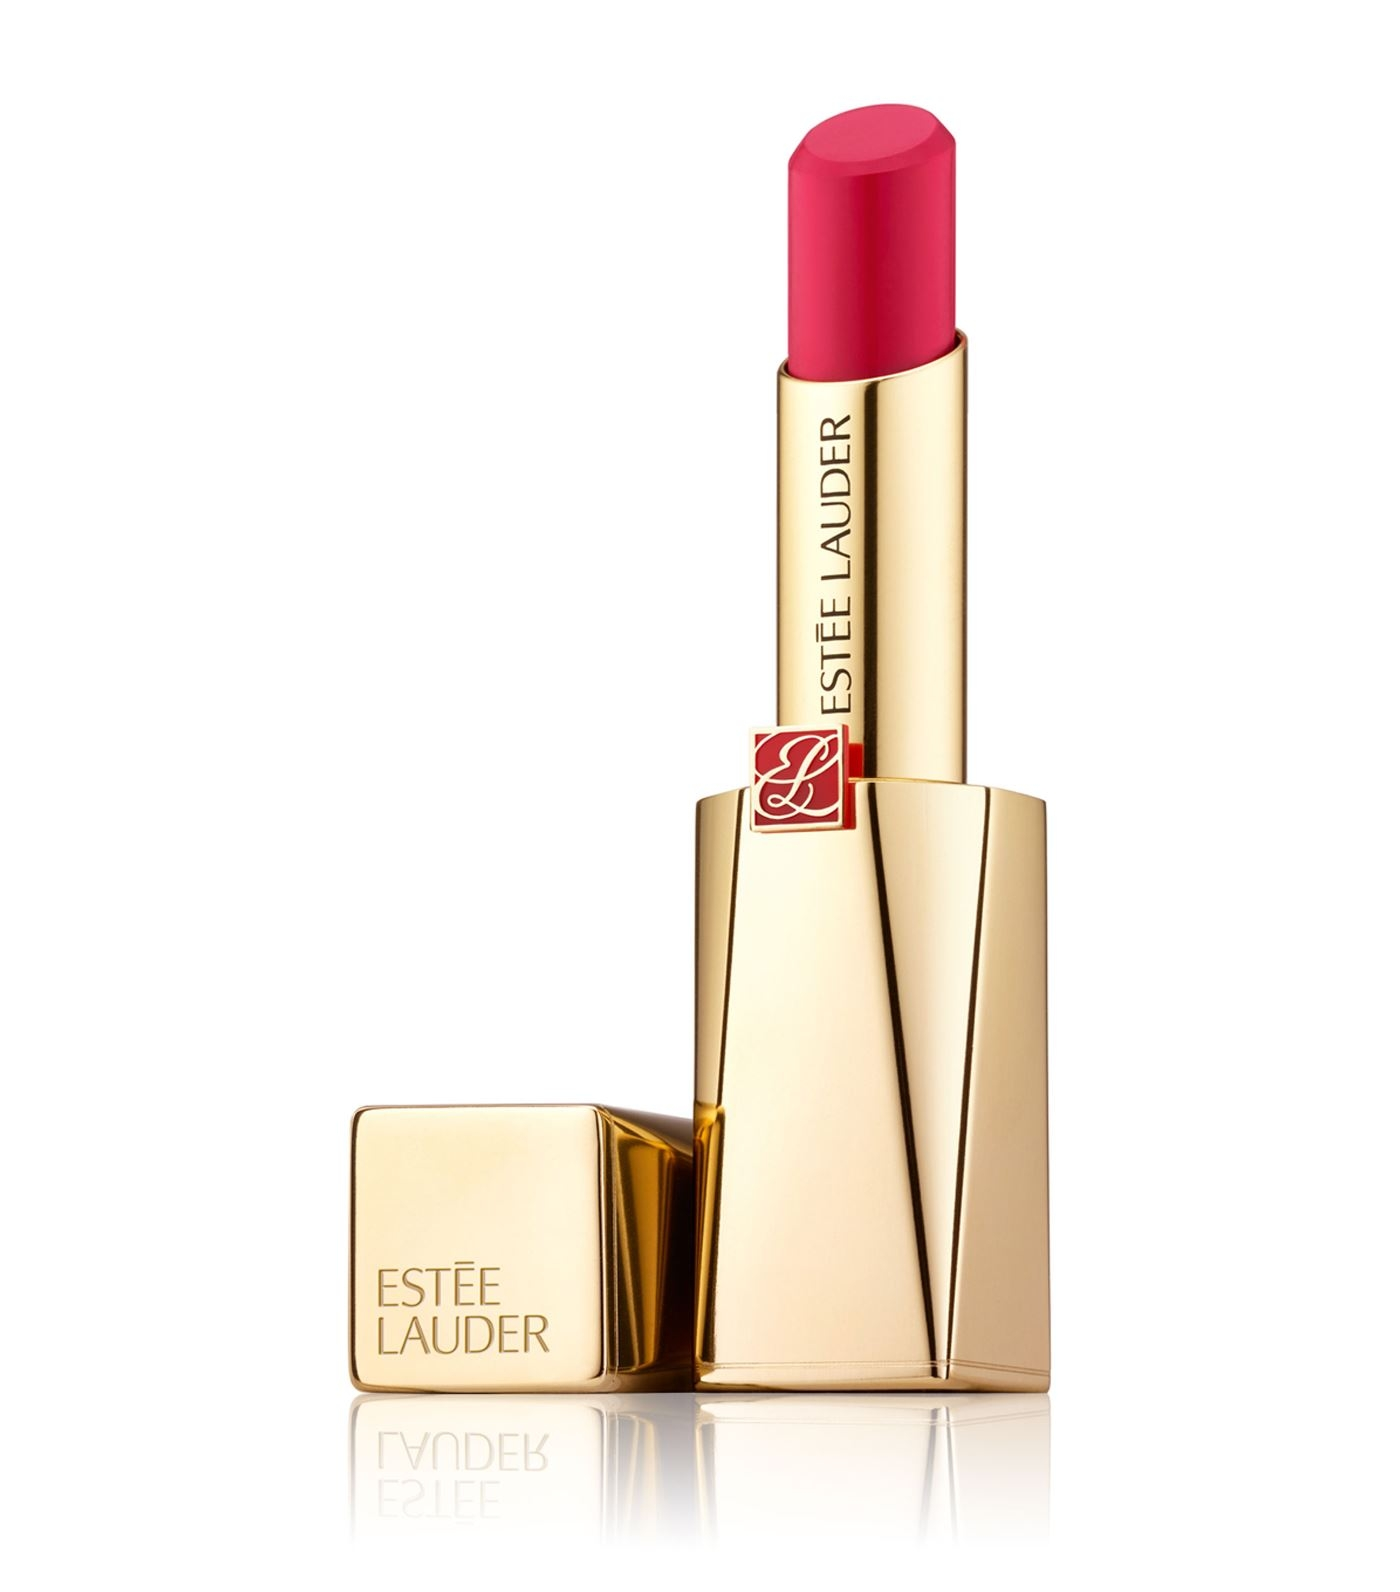 Estée Lauder Pure Color Desire Rouge Excess Lipstick 3.1gr 302 Stun